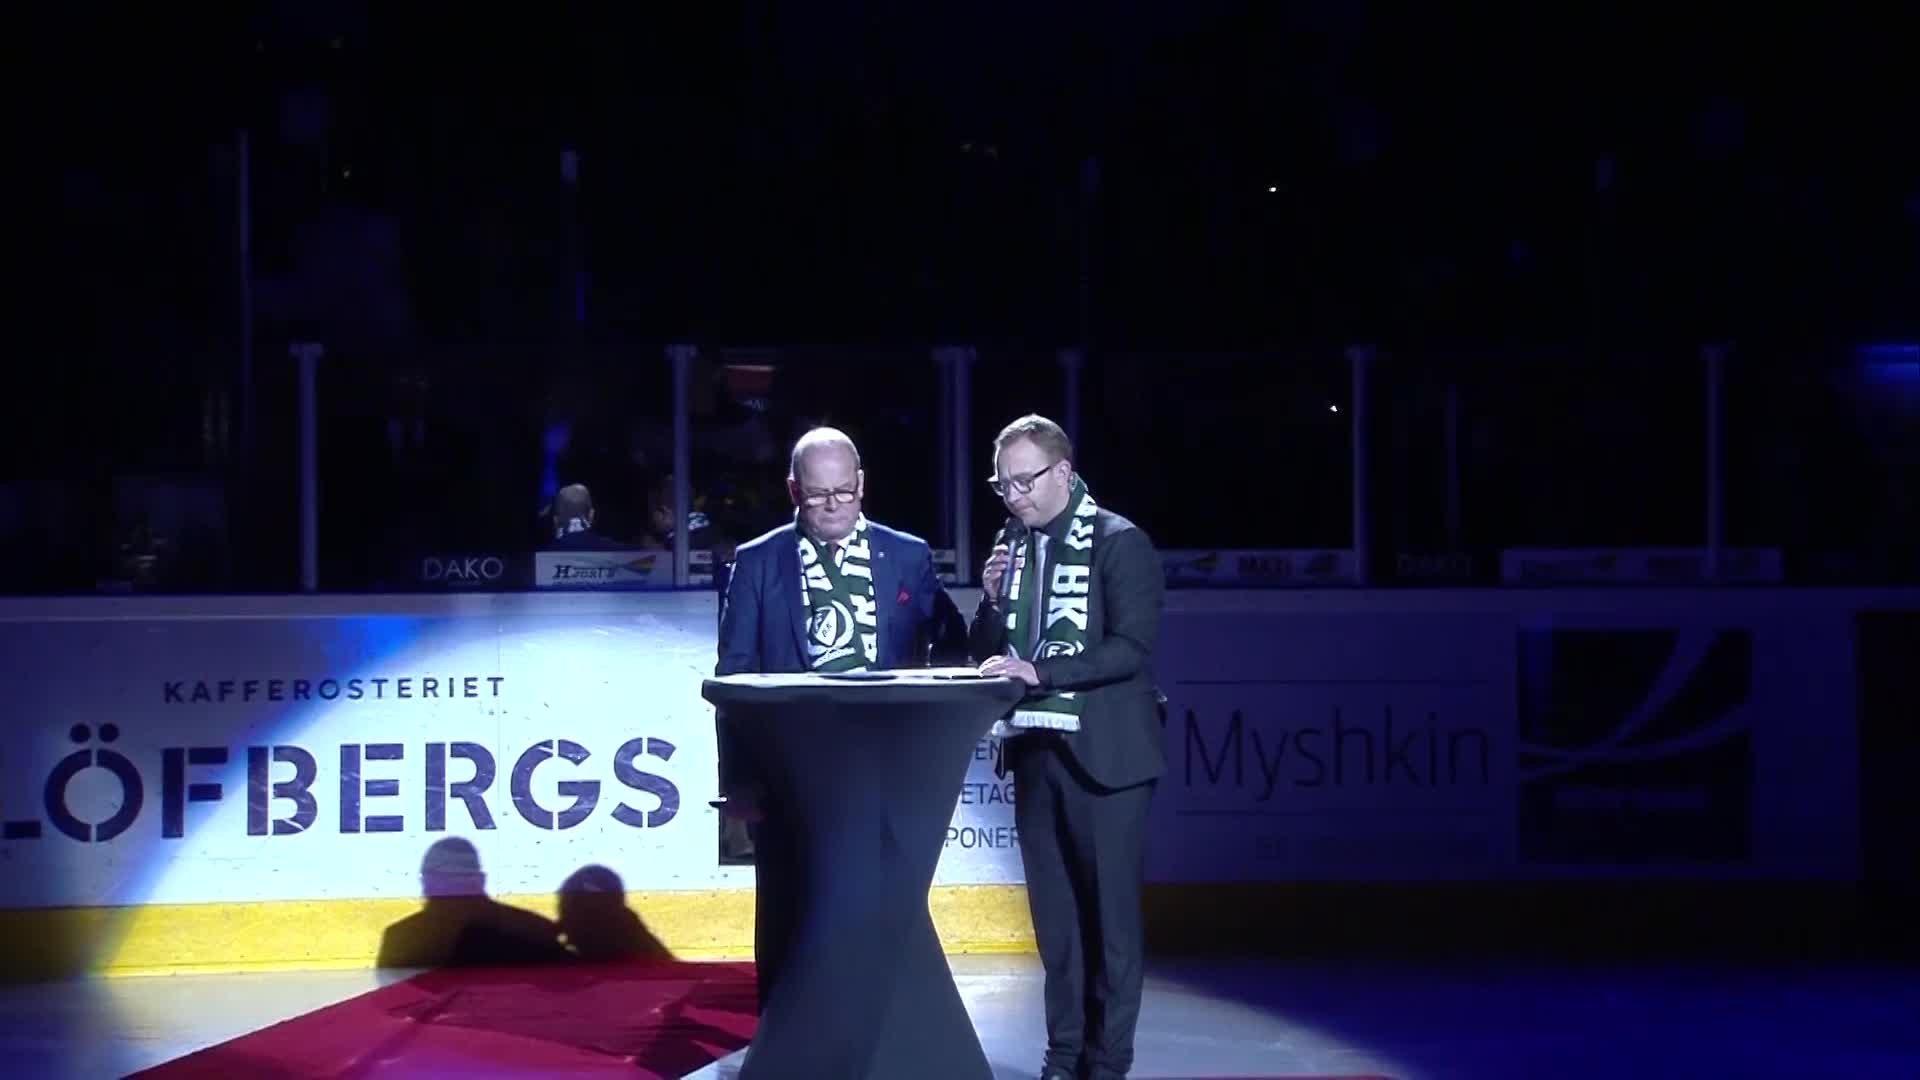 Hyllningen till ledaren Håkan Loob